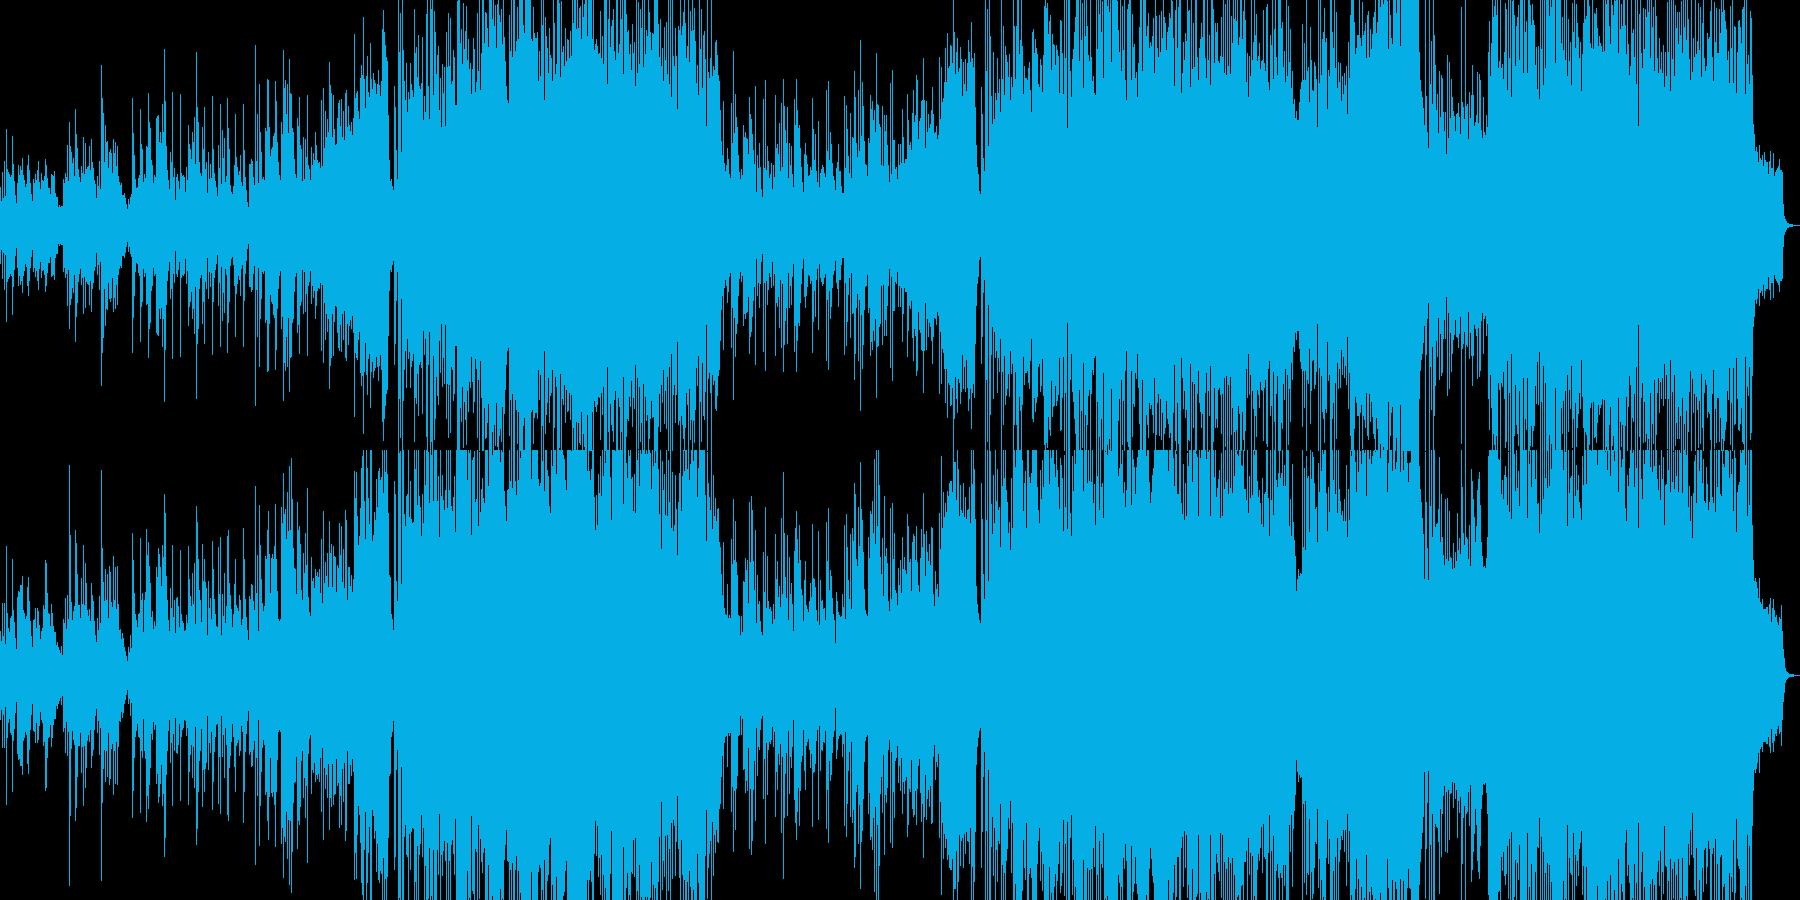 ピアノの旋律が印象的な壮大なバラードの再生済みの波形